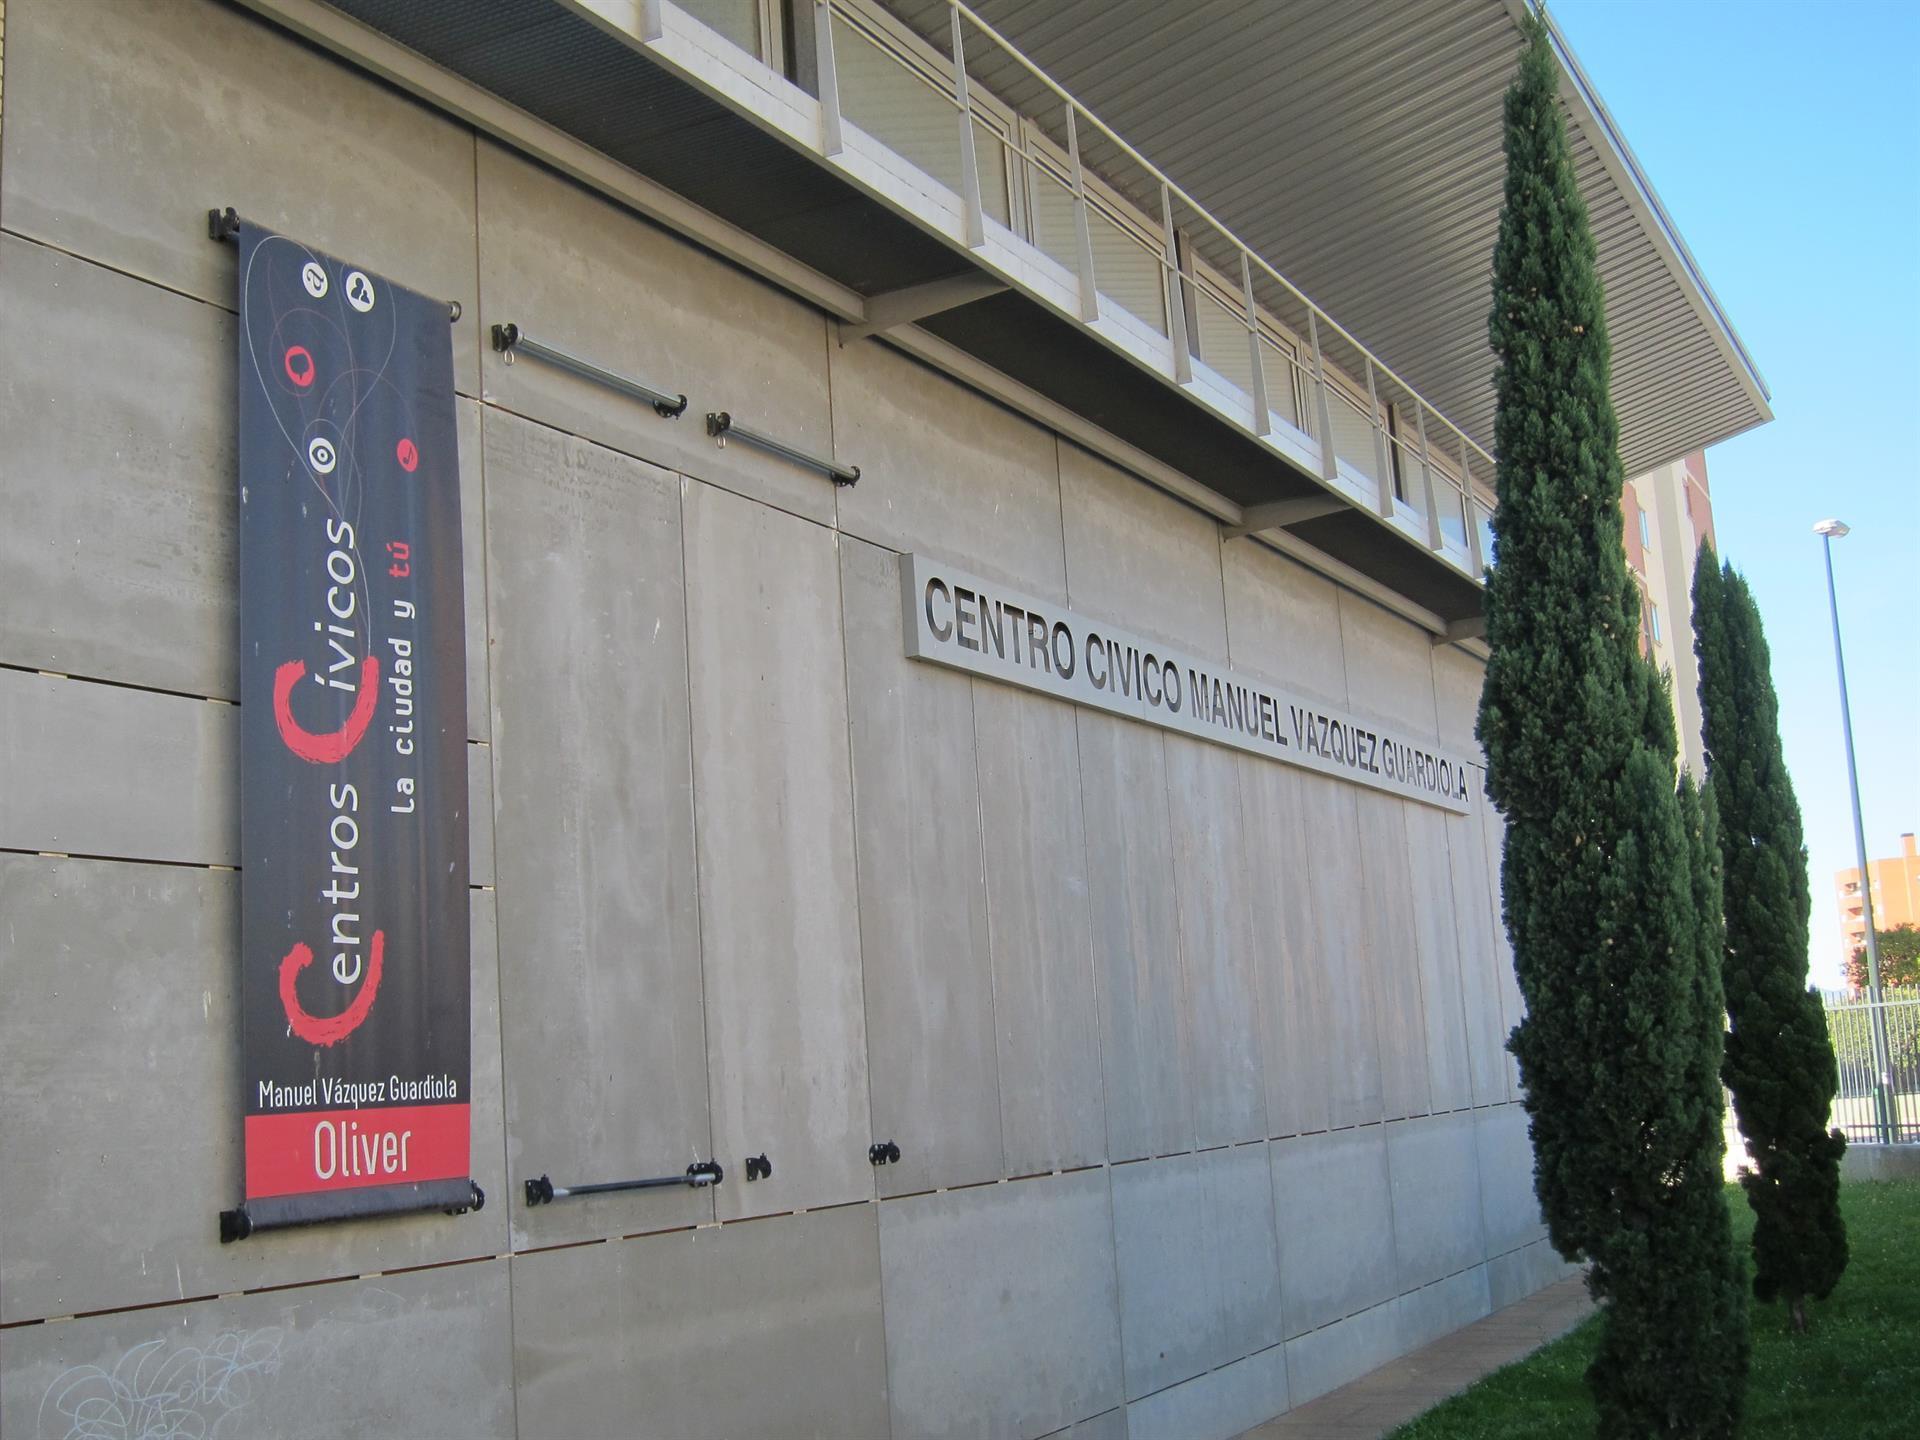 Centro Cívico del barrio Oliver - EUROPA PRESS - Archivo